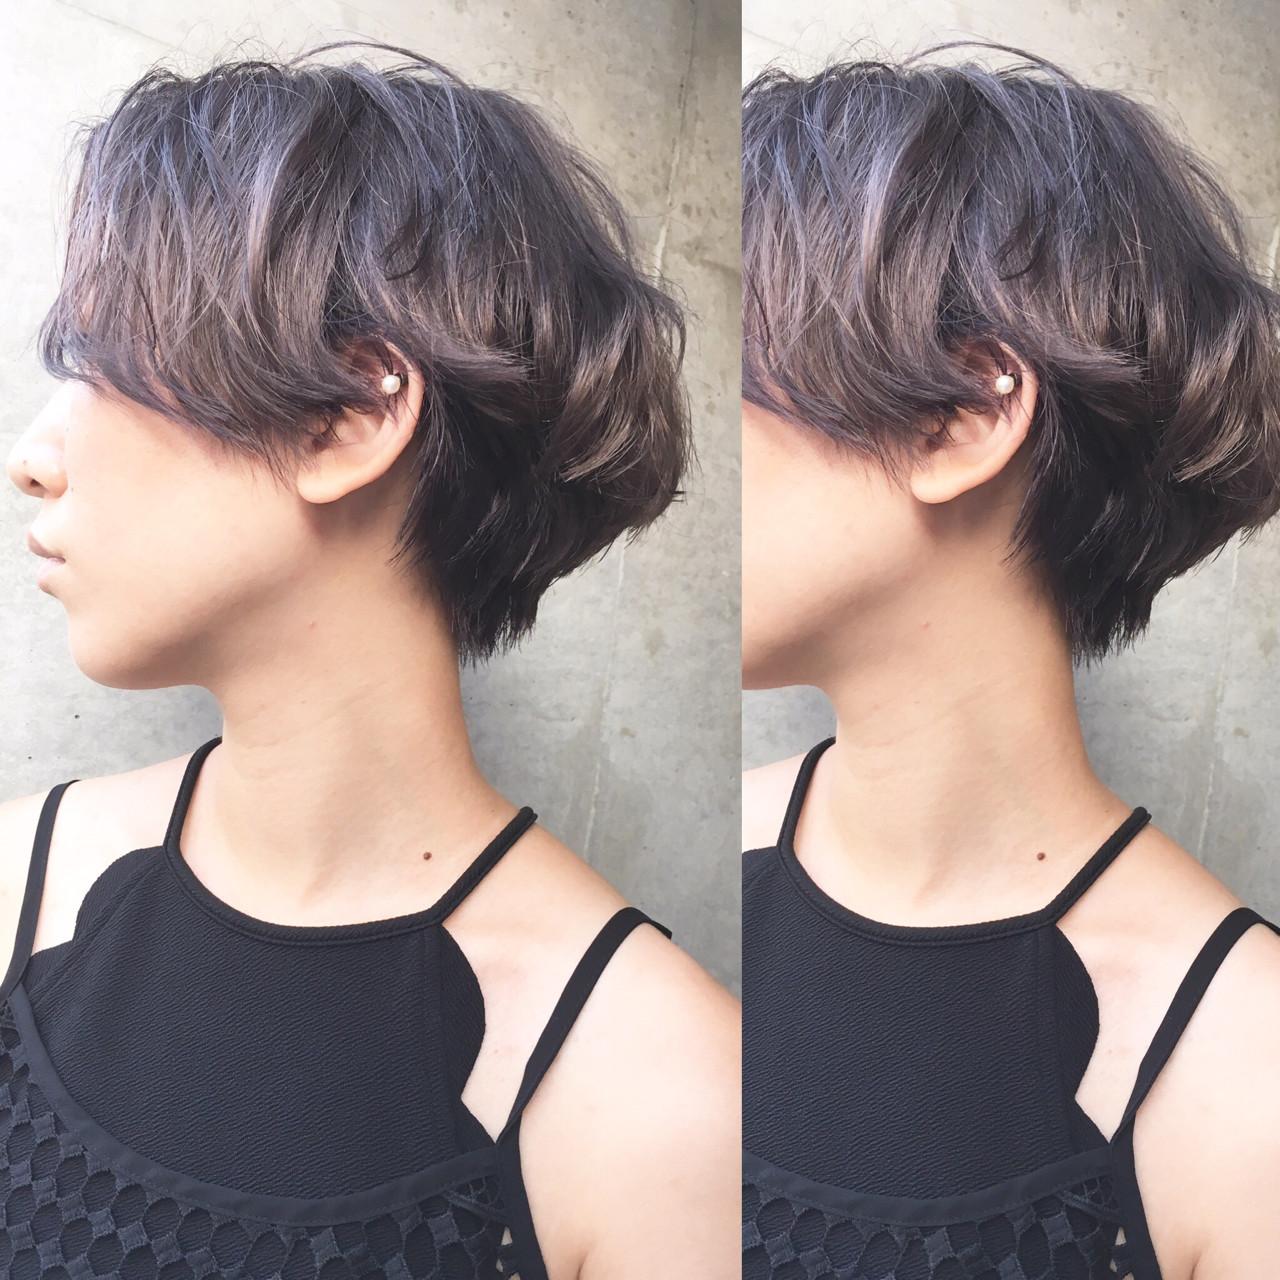 ラベンダーアッシュ ストリート ショート グレージュ ヘアスタイルや髪型の写真・画像 | 齊藤知佳/melgina / melgina hair&spa